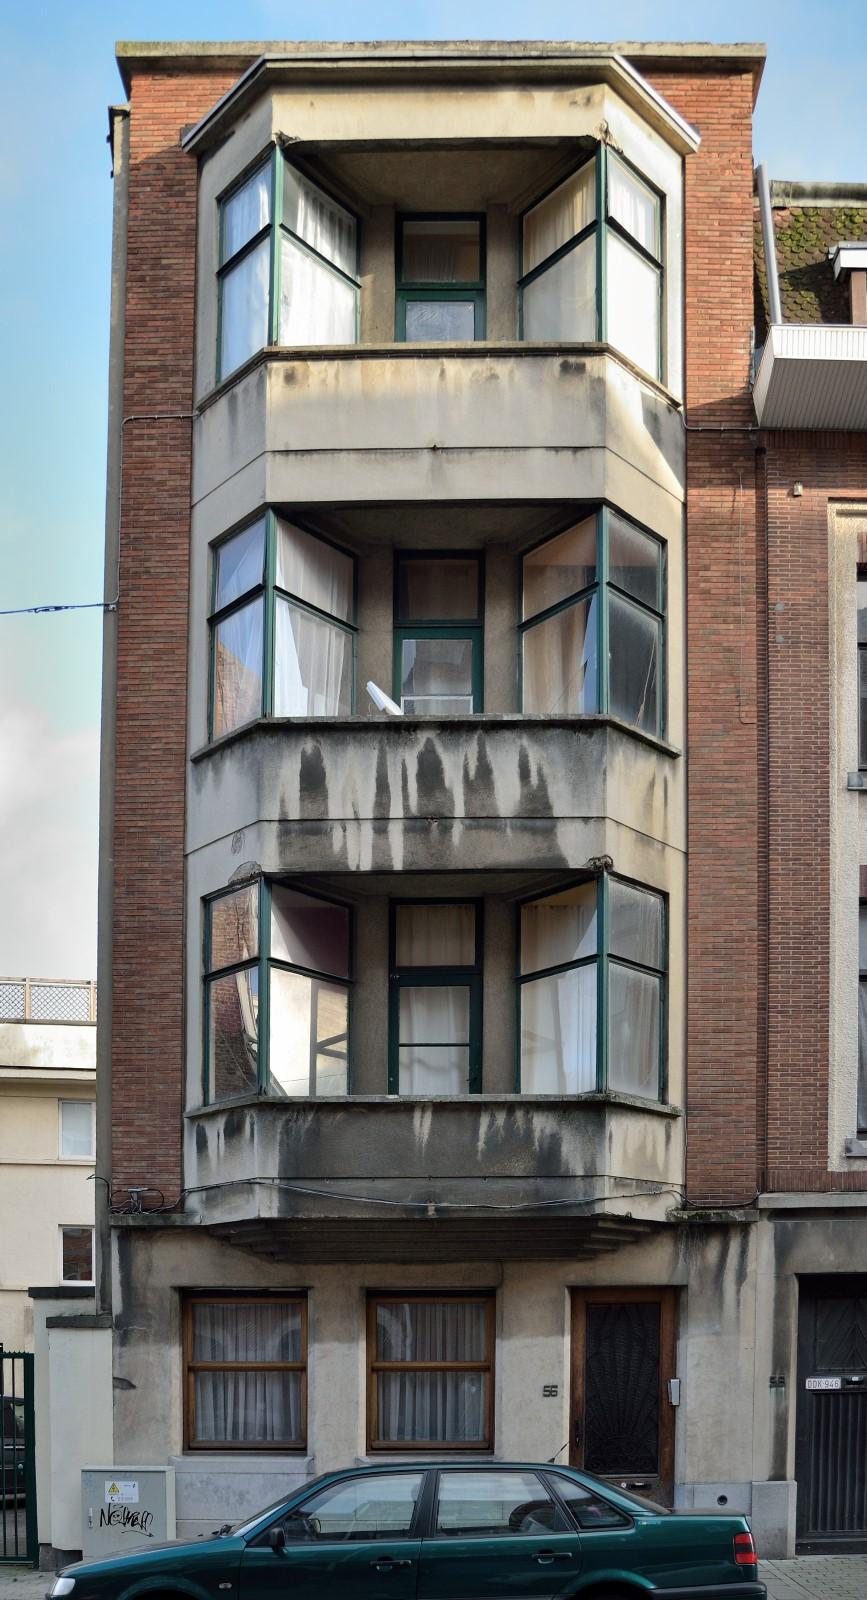 Rue de l'Été 56, 2014